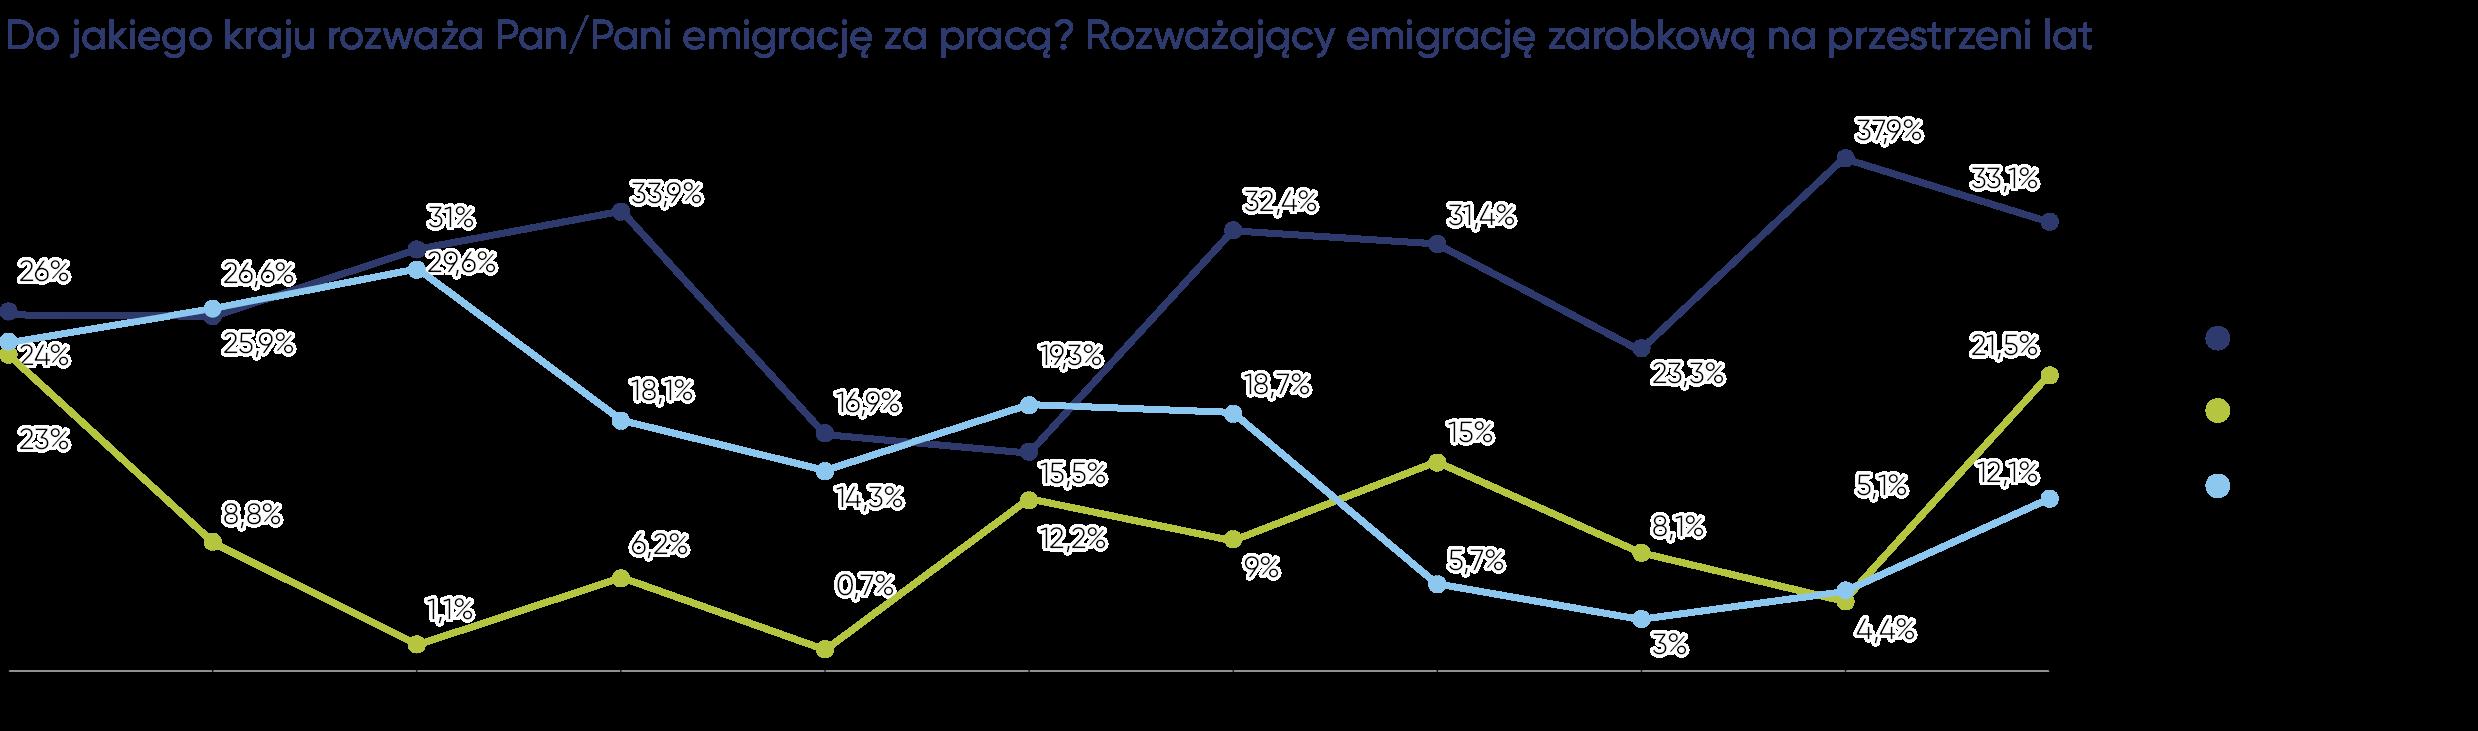 Polacy nadal najchętniej wyjechaliby do pracy do Niemiec, Holandii, Wielkiej Brytanii i Belgii